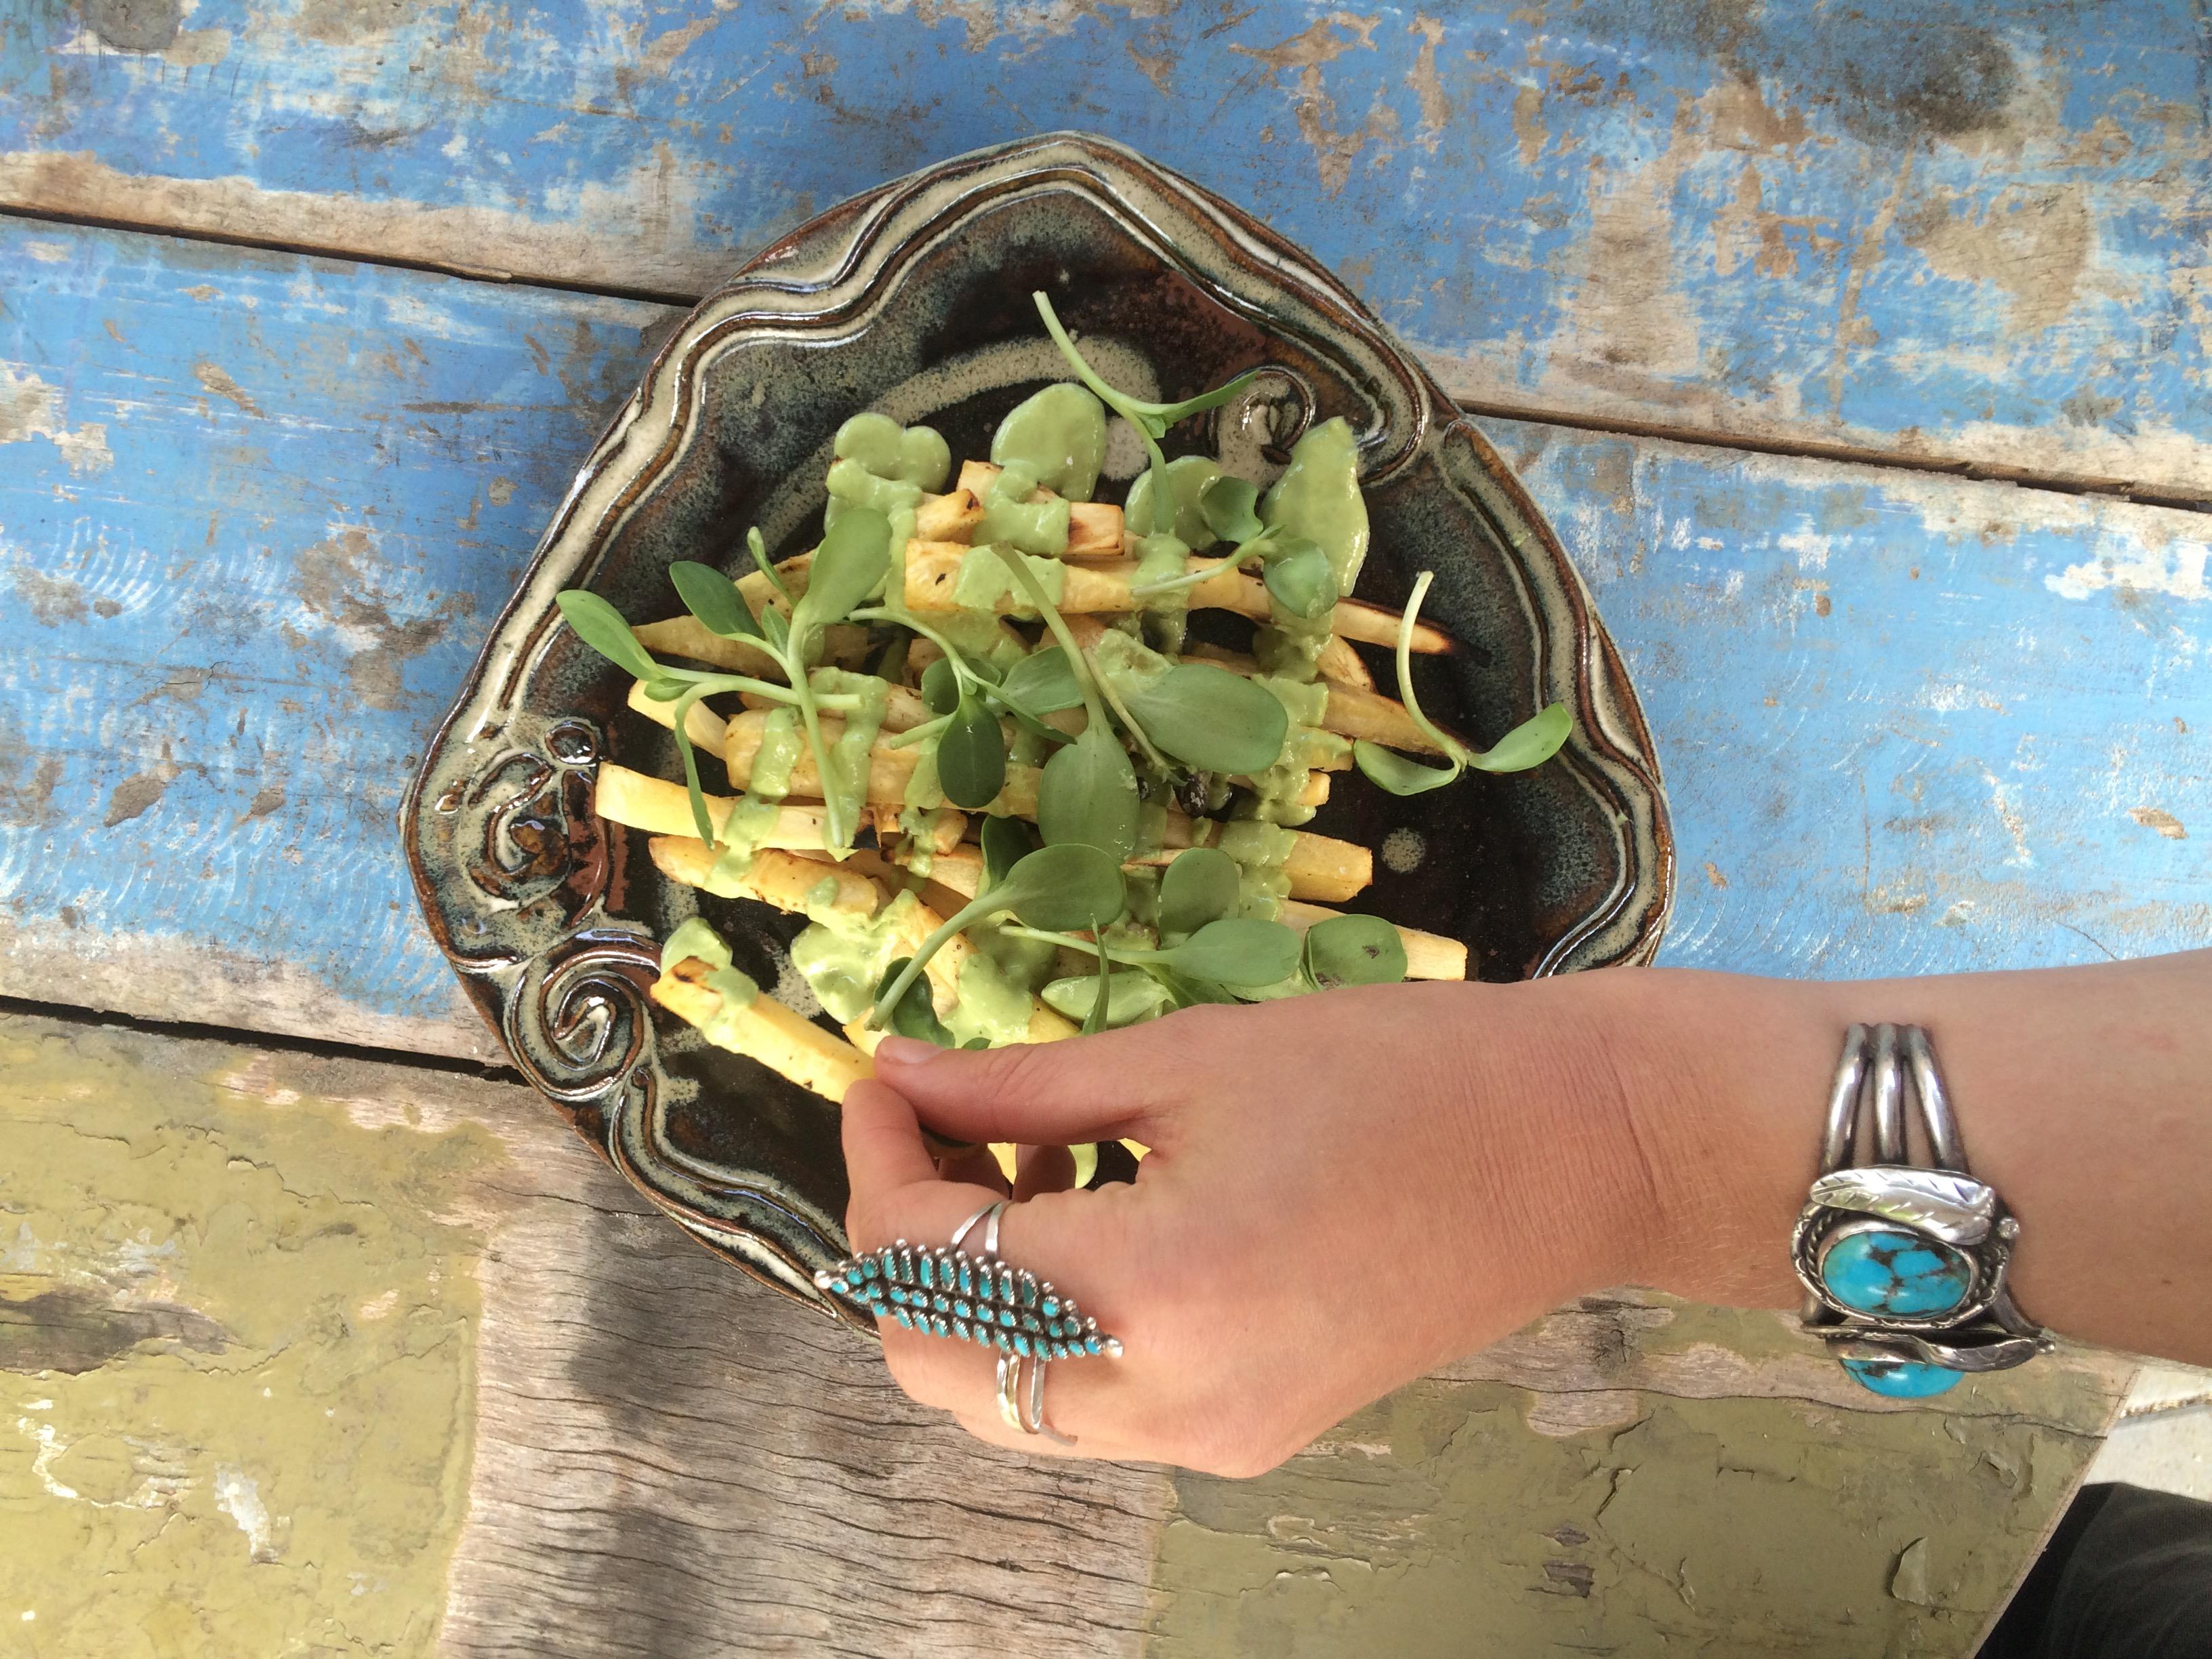 parsnipfries